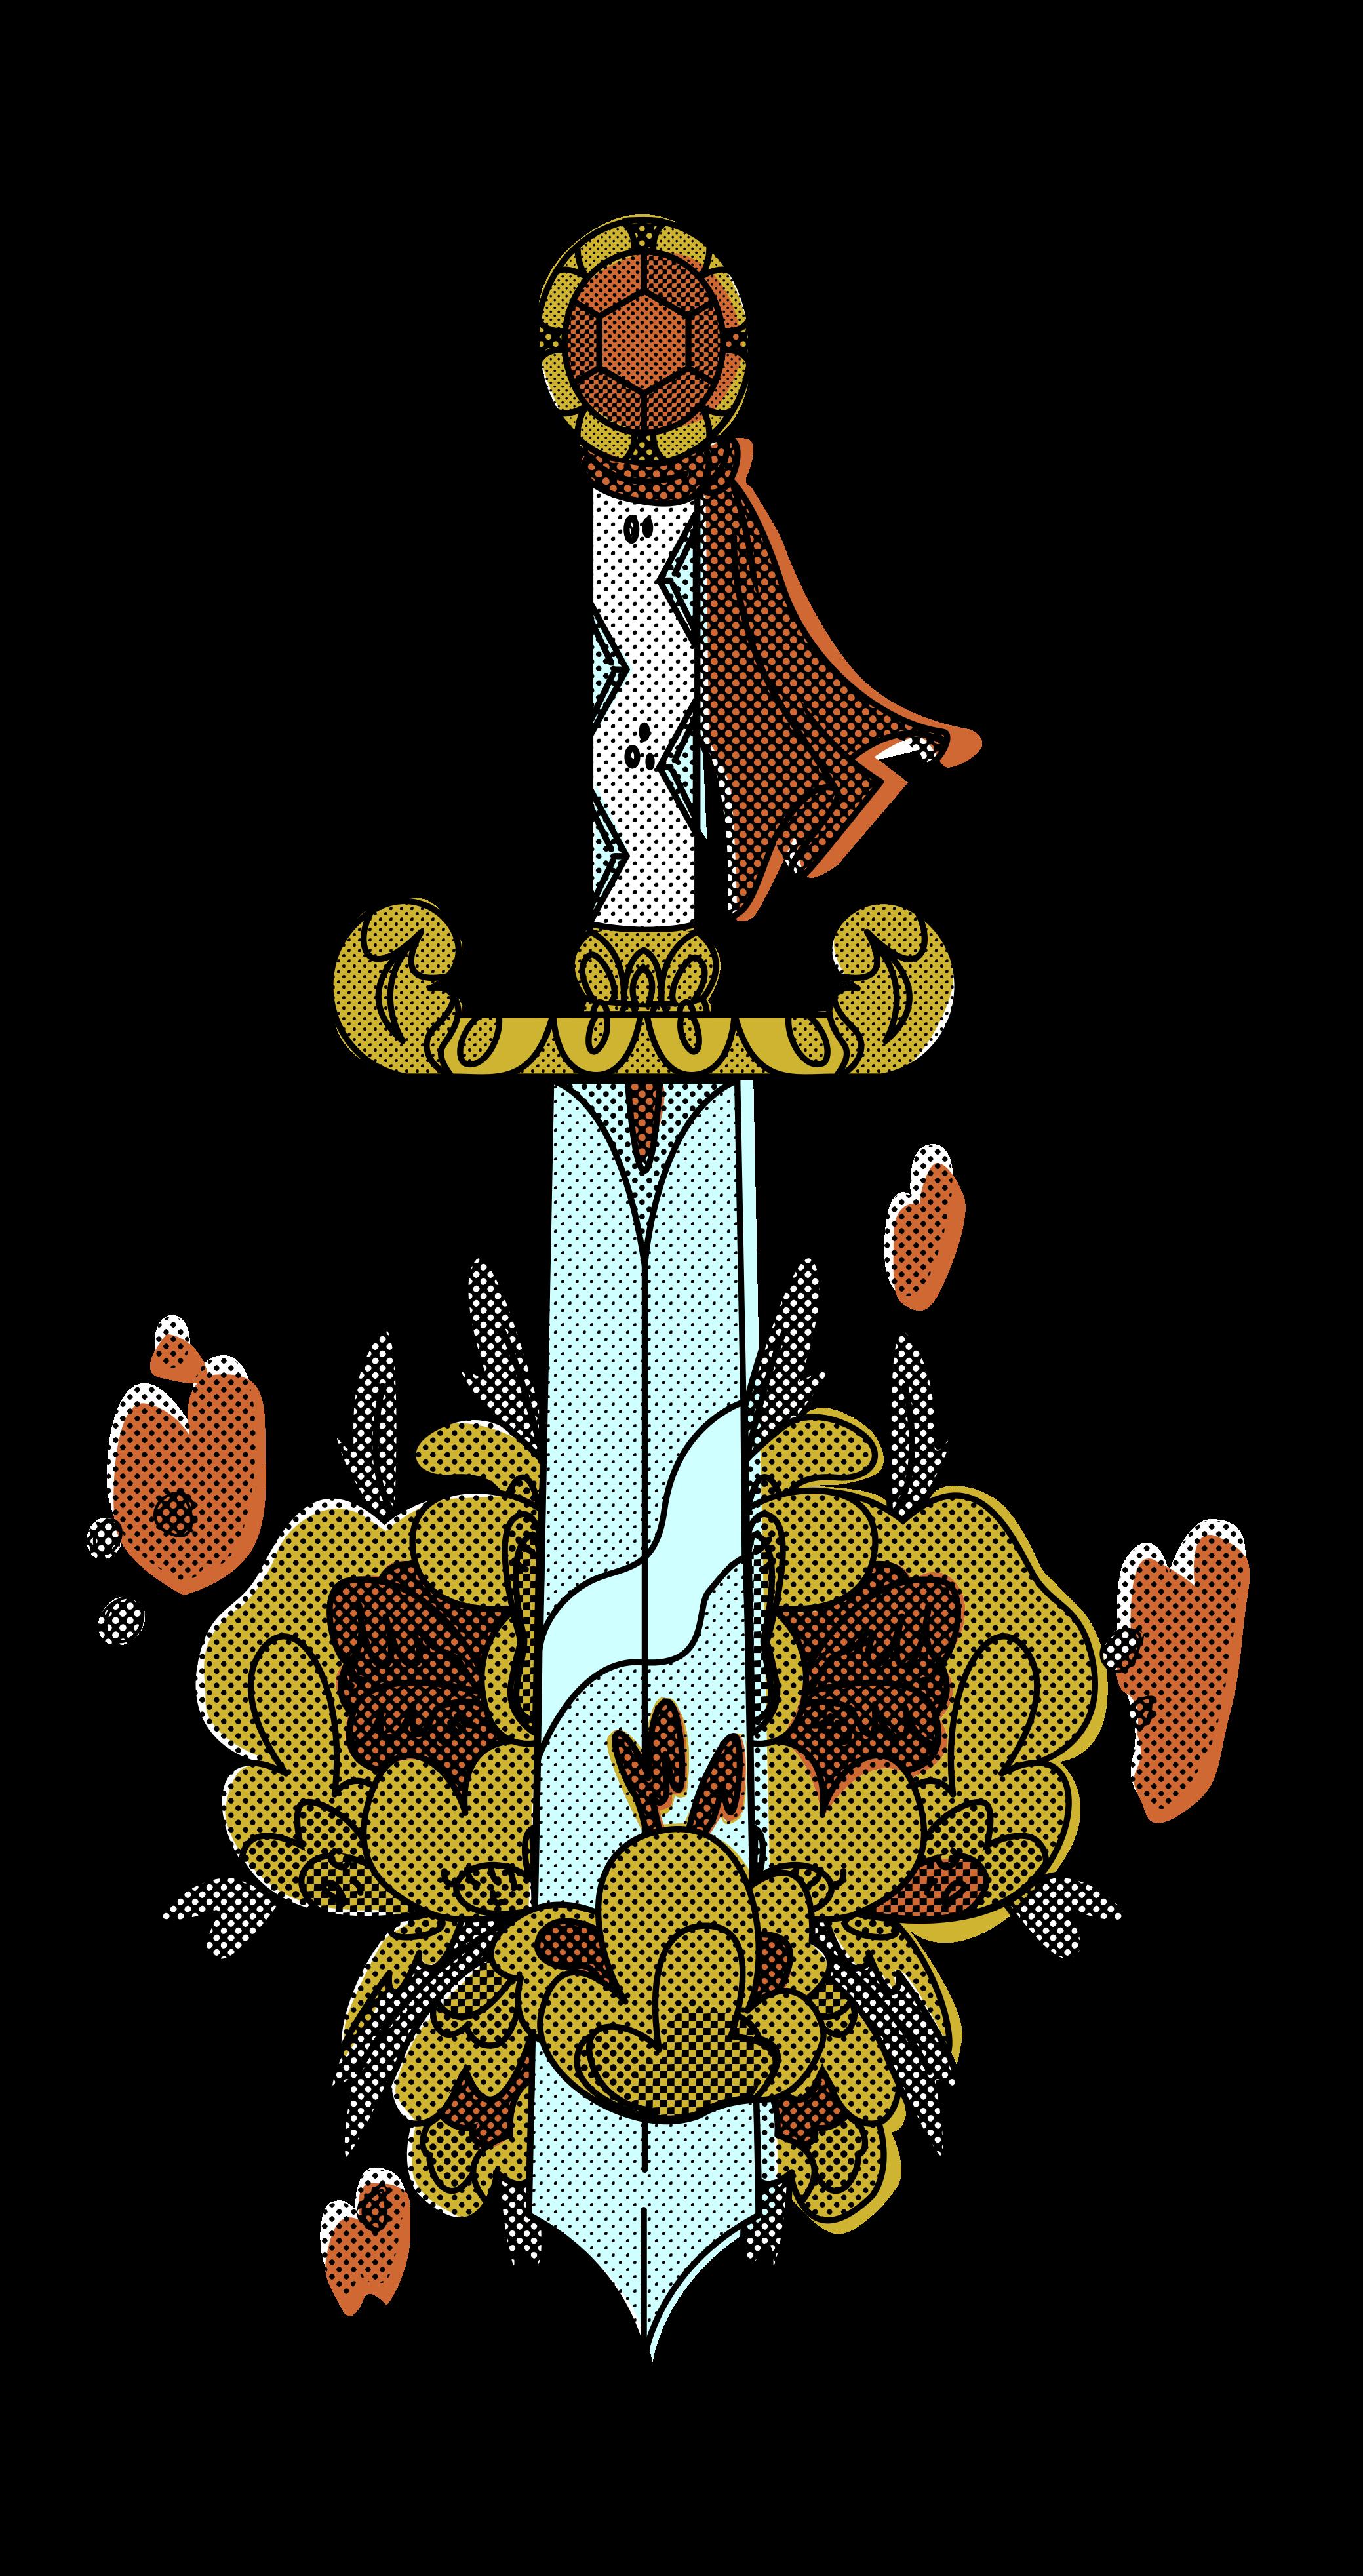 Henbane_Vector_Logo_SP_Image3.png